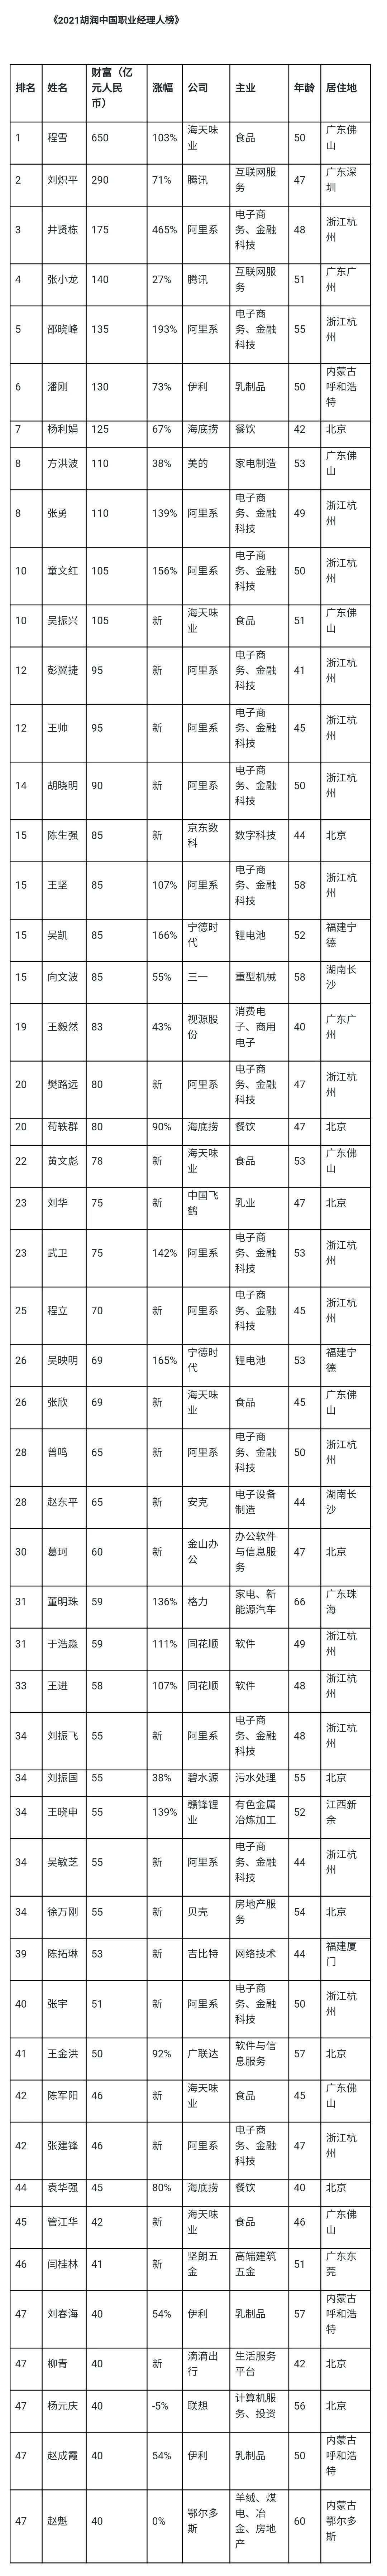 """最高身家650亿!中国最牛""""打工人""""榜单出炉,有人从前台、服务员逆袭"""